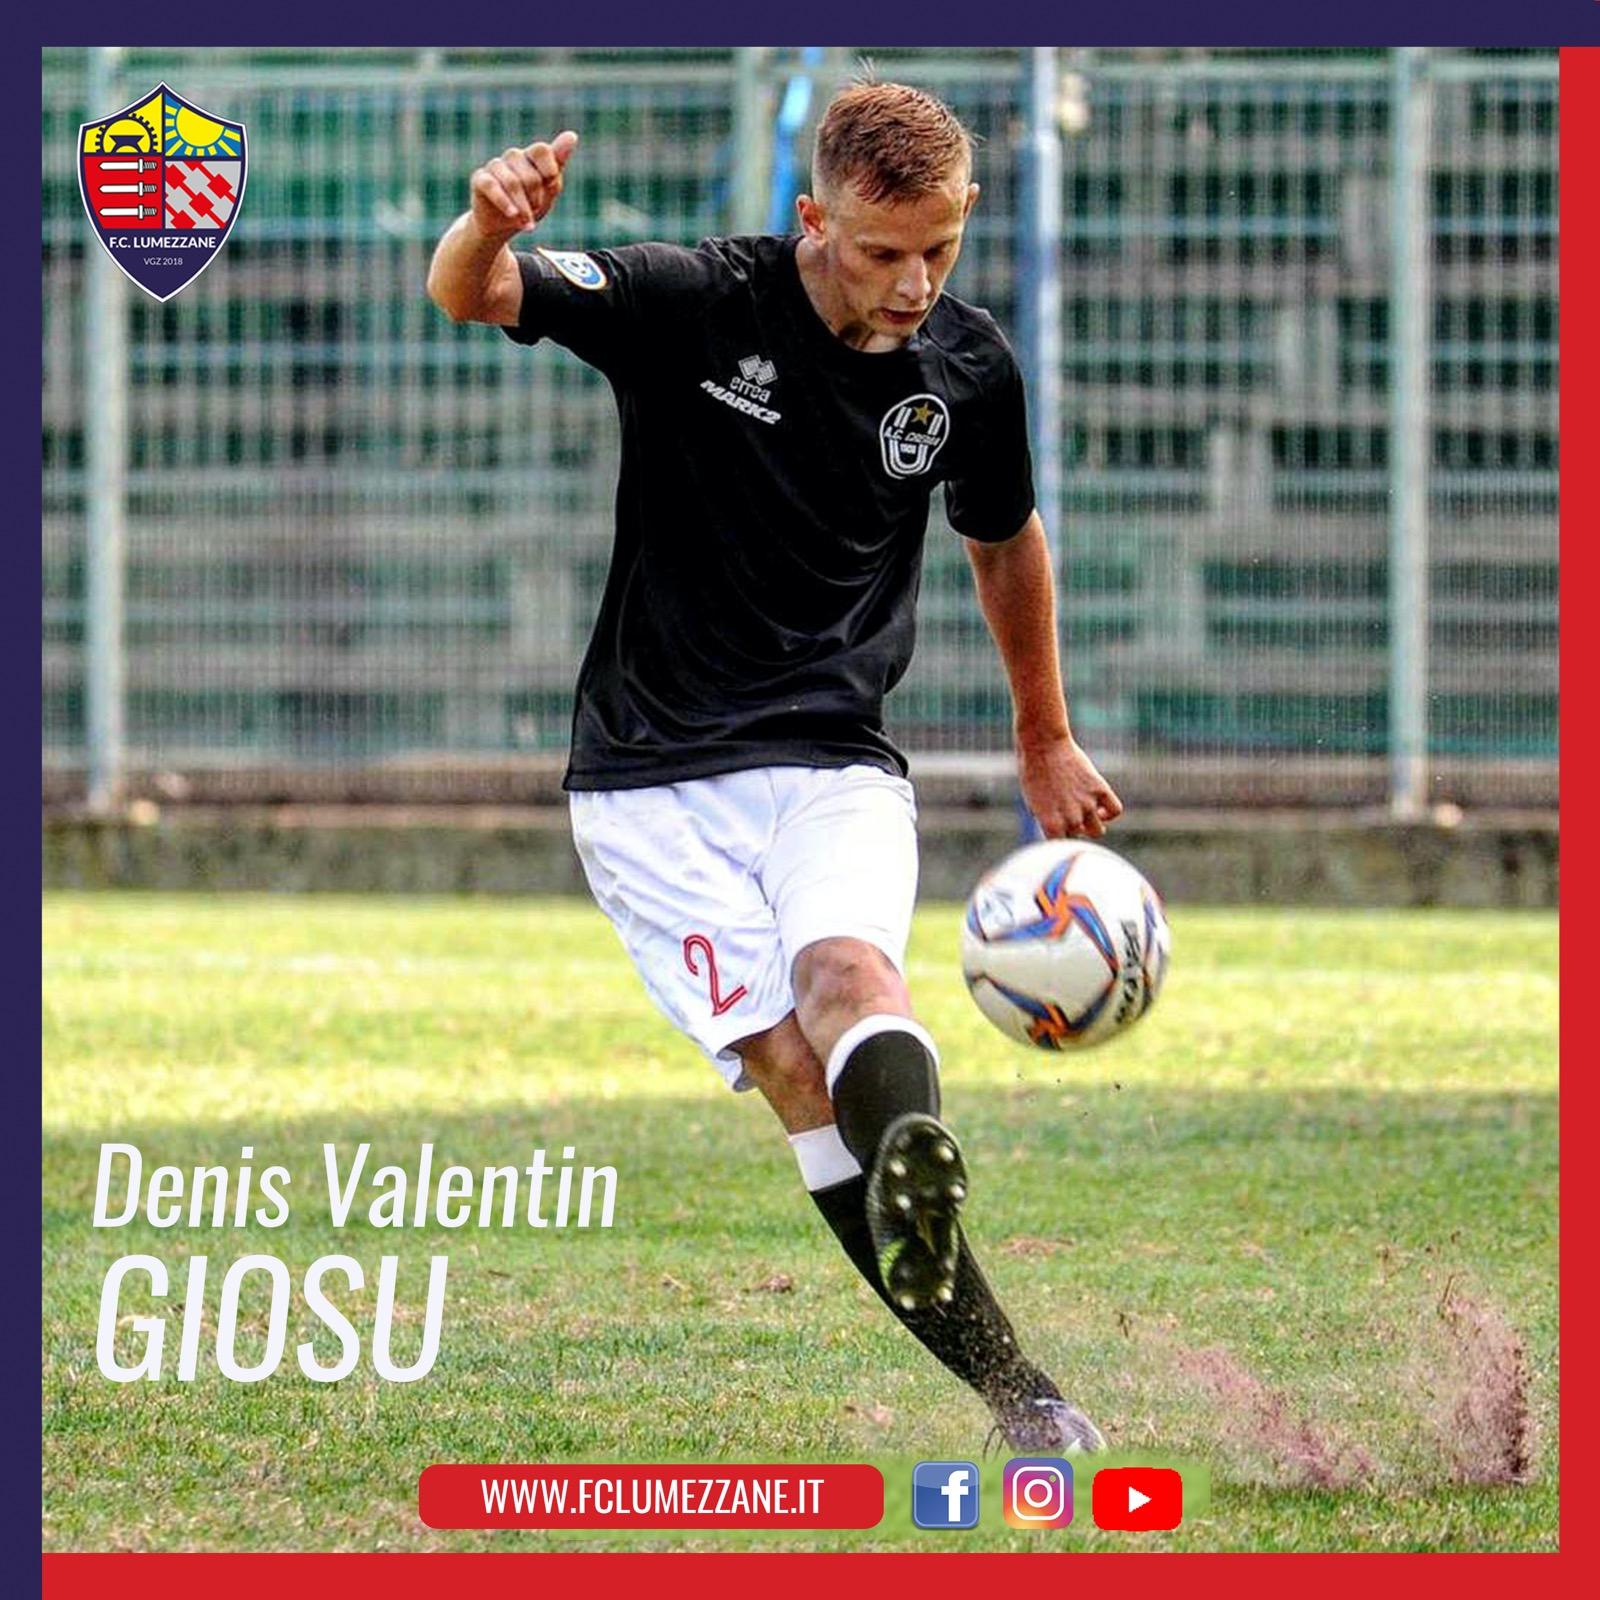 Ufficiale: Denis Valentin Giosu è Un Nuovo Giocatore Del Lumezzane